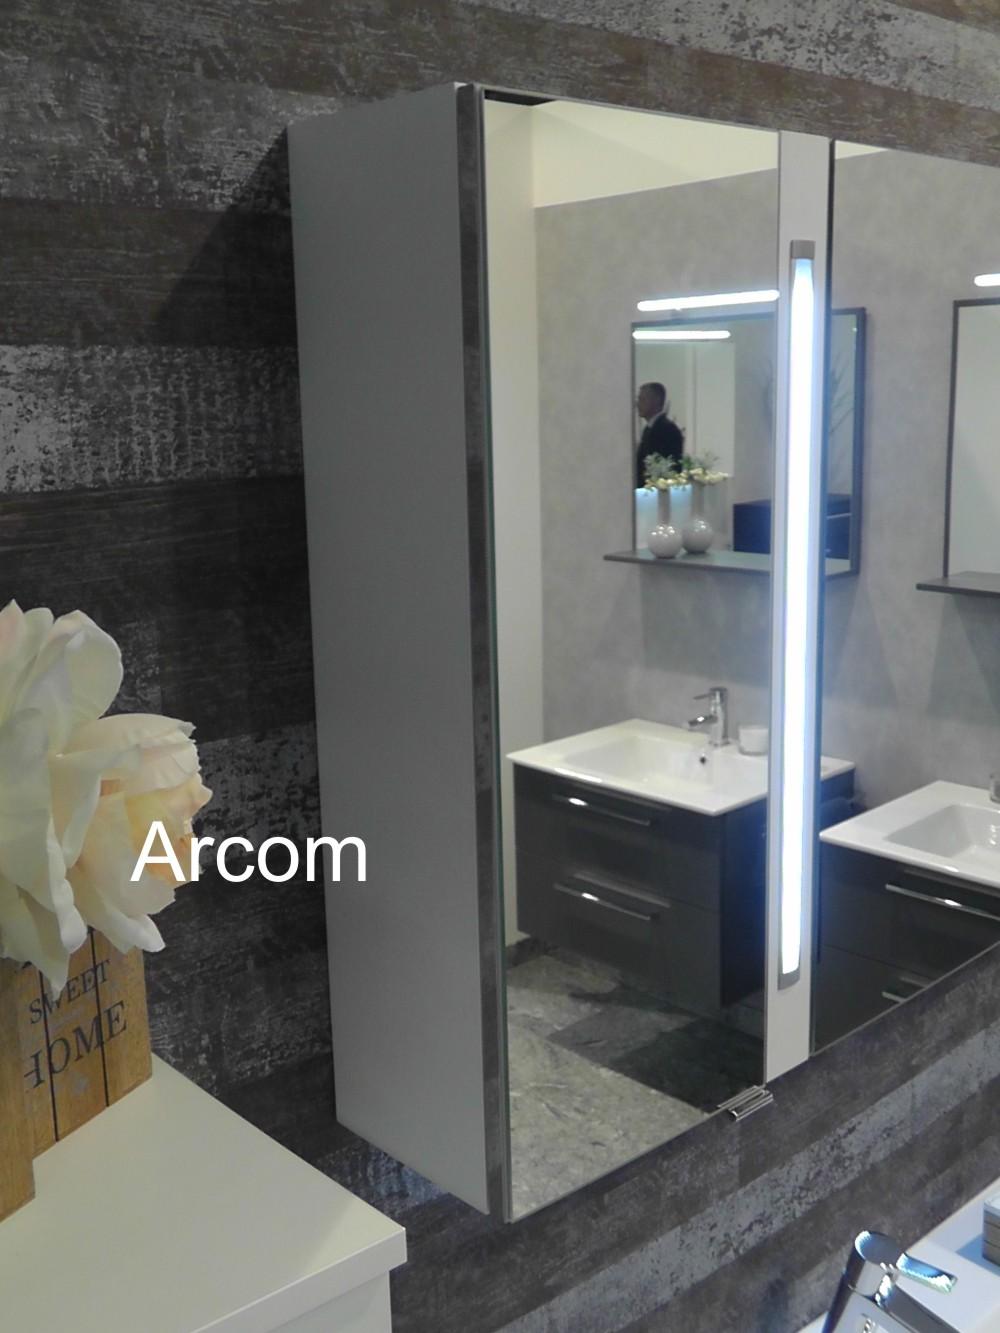 puris fresh set g mit doppelwaschtisch badm bel arcom center. Black Bedroom Furniture Sets. Home Design Ideas